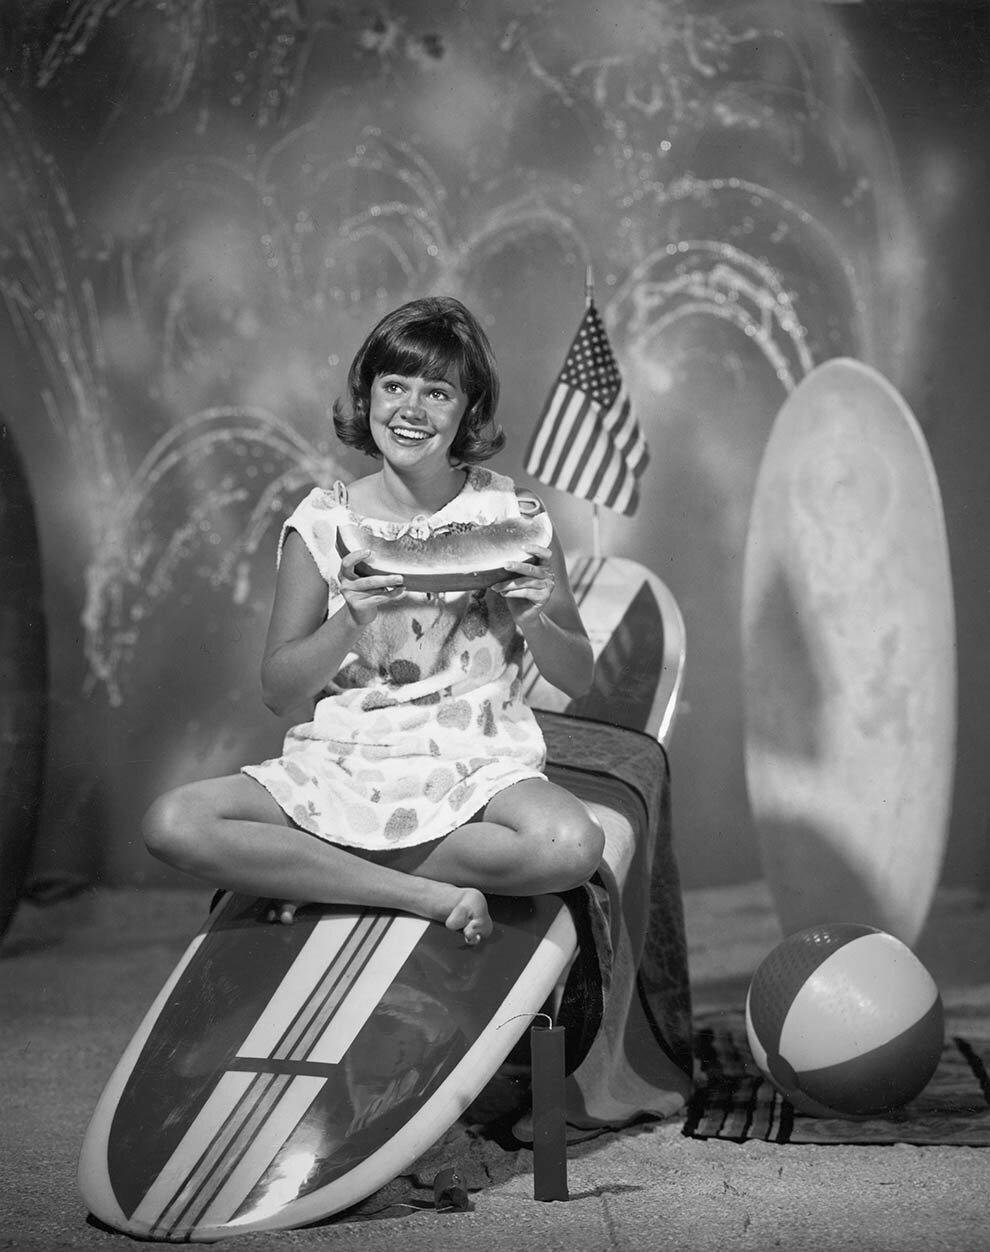 1965.Салли Филд ест арбуз на доске для серфинга.